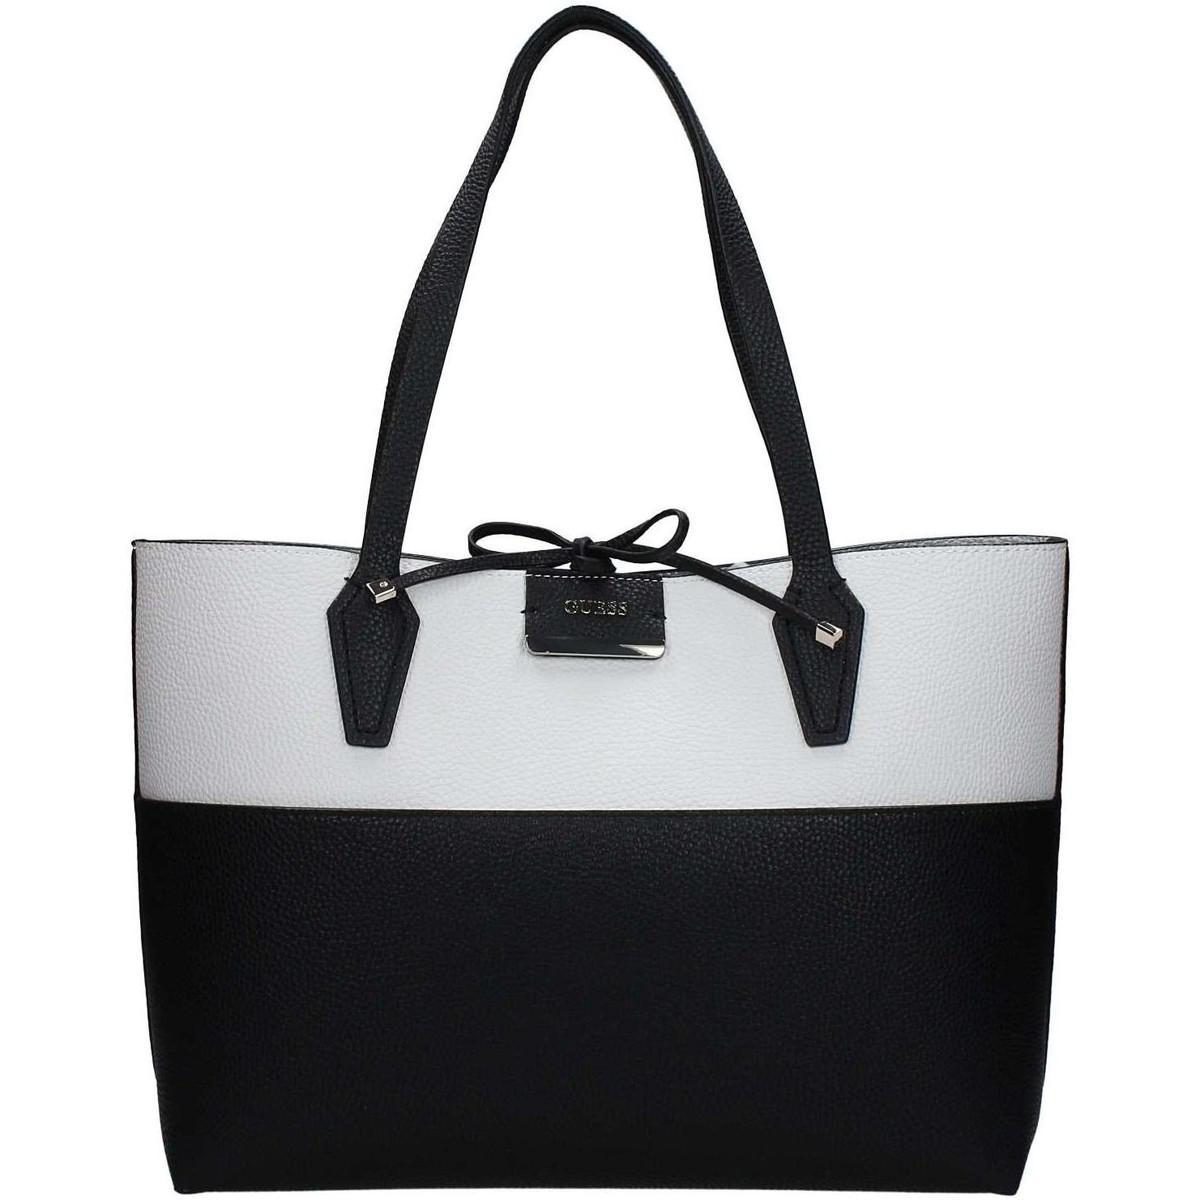 071dfb5a8f83 Guess Hwcb64 22150 Tote Bag Women s Shopper Bag In Black in Black - Lyst